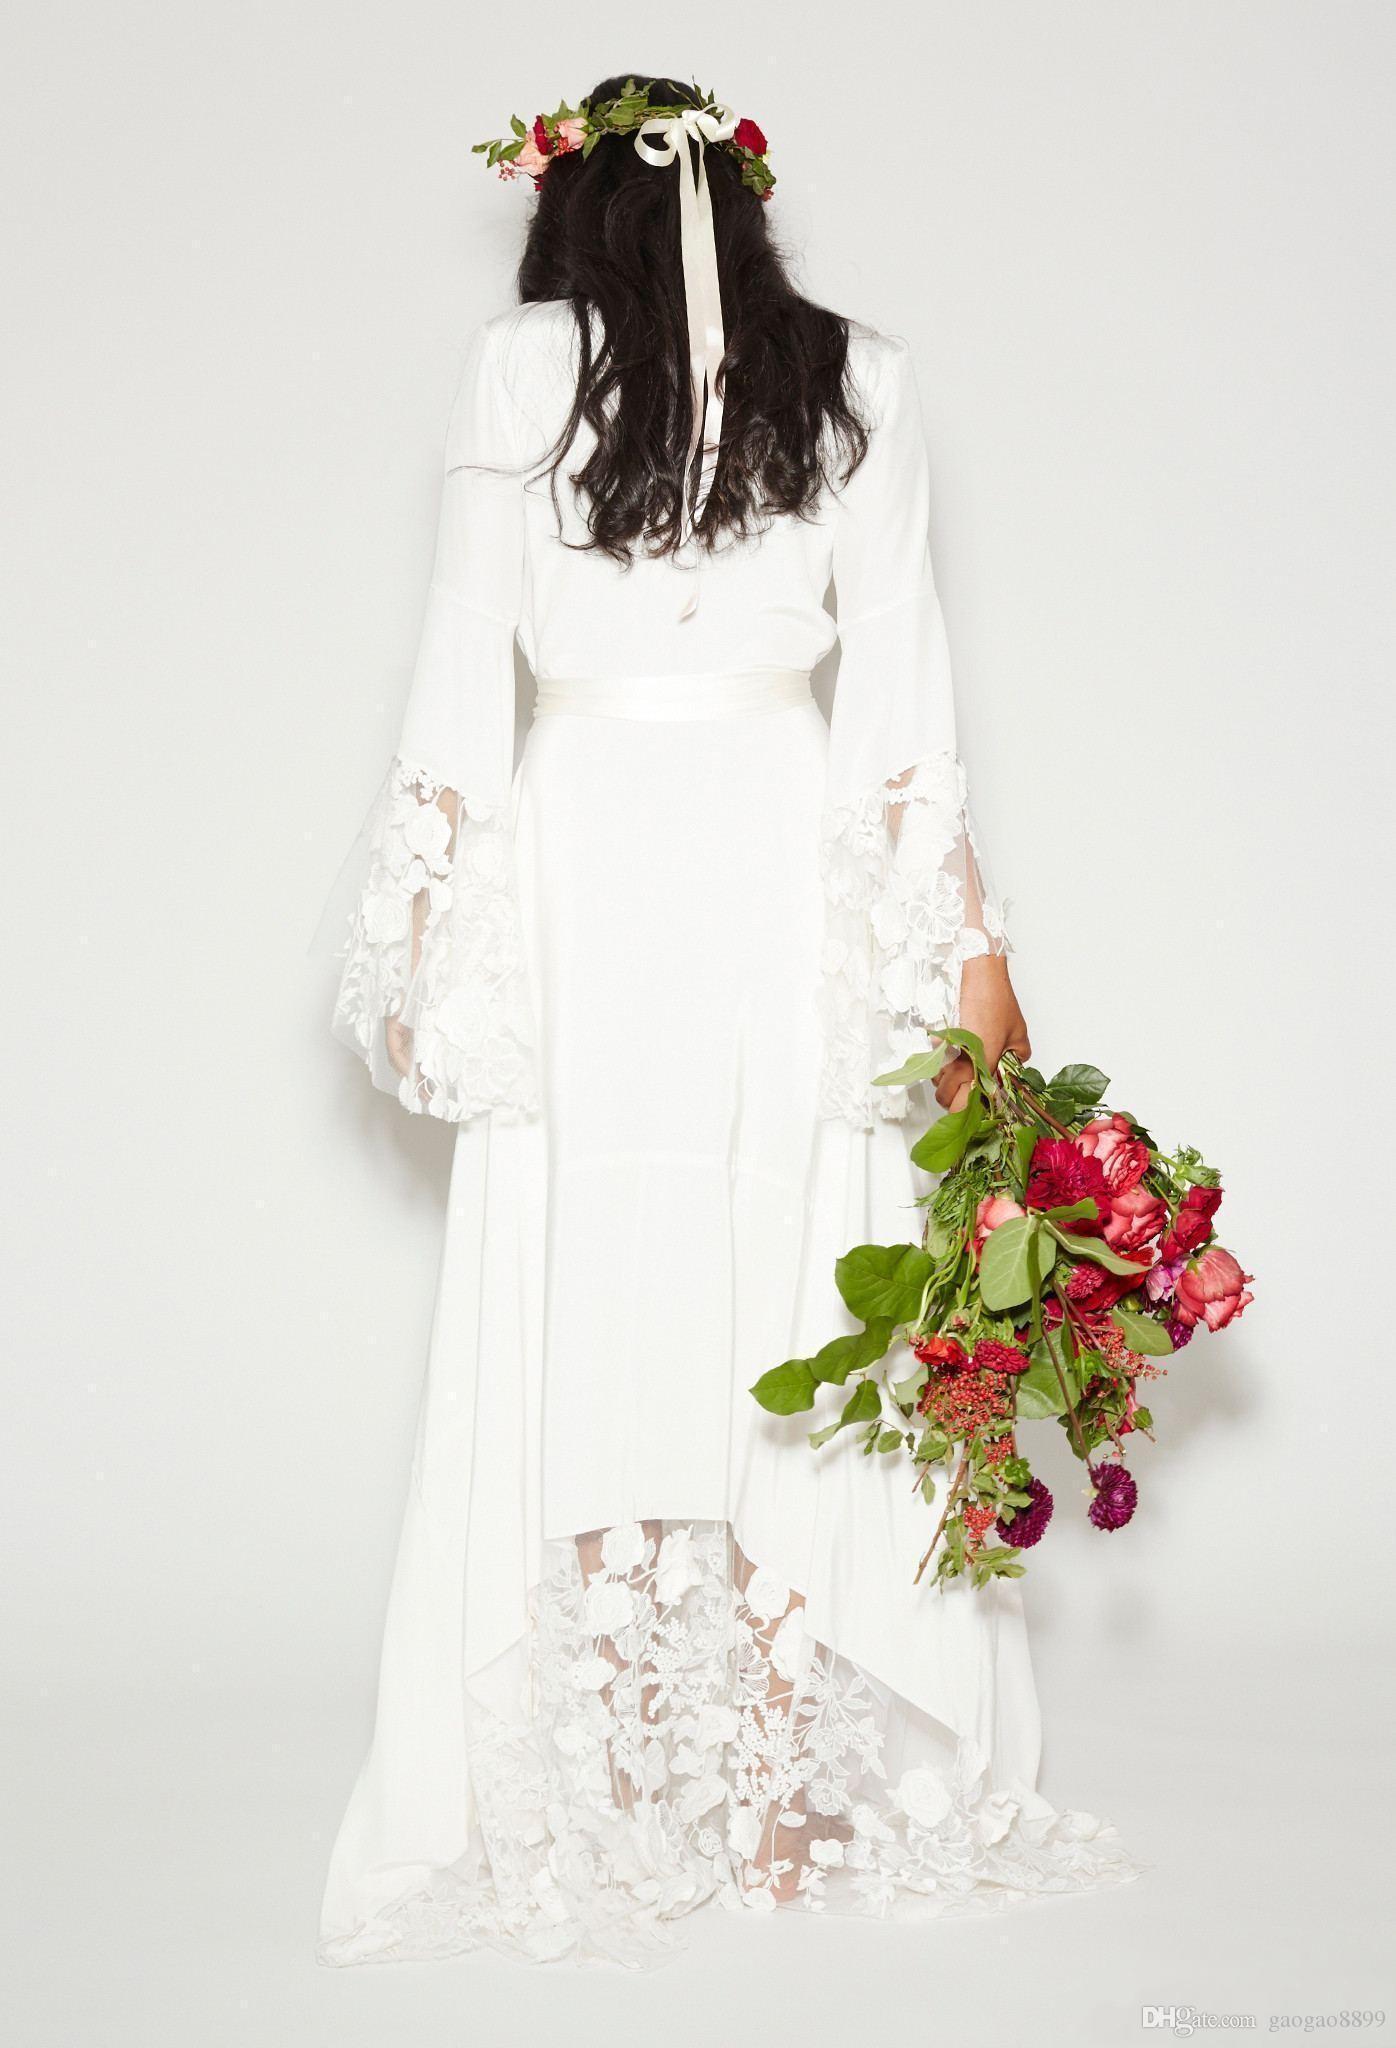 2019 Semplice Bohemian Country Wedding Dresses profondo scollo a V maniche lunghe Piano Lunghezza della spiaggia di estate nuziale Plus Size Boho abito da sposa